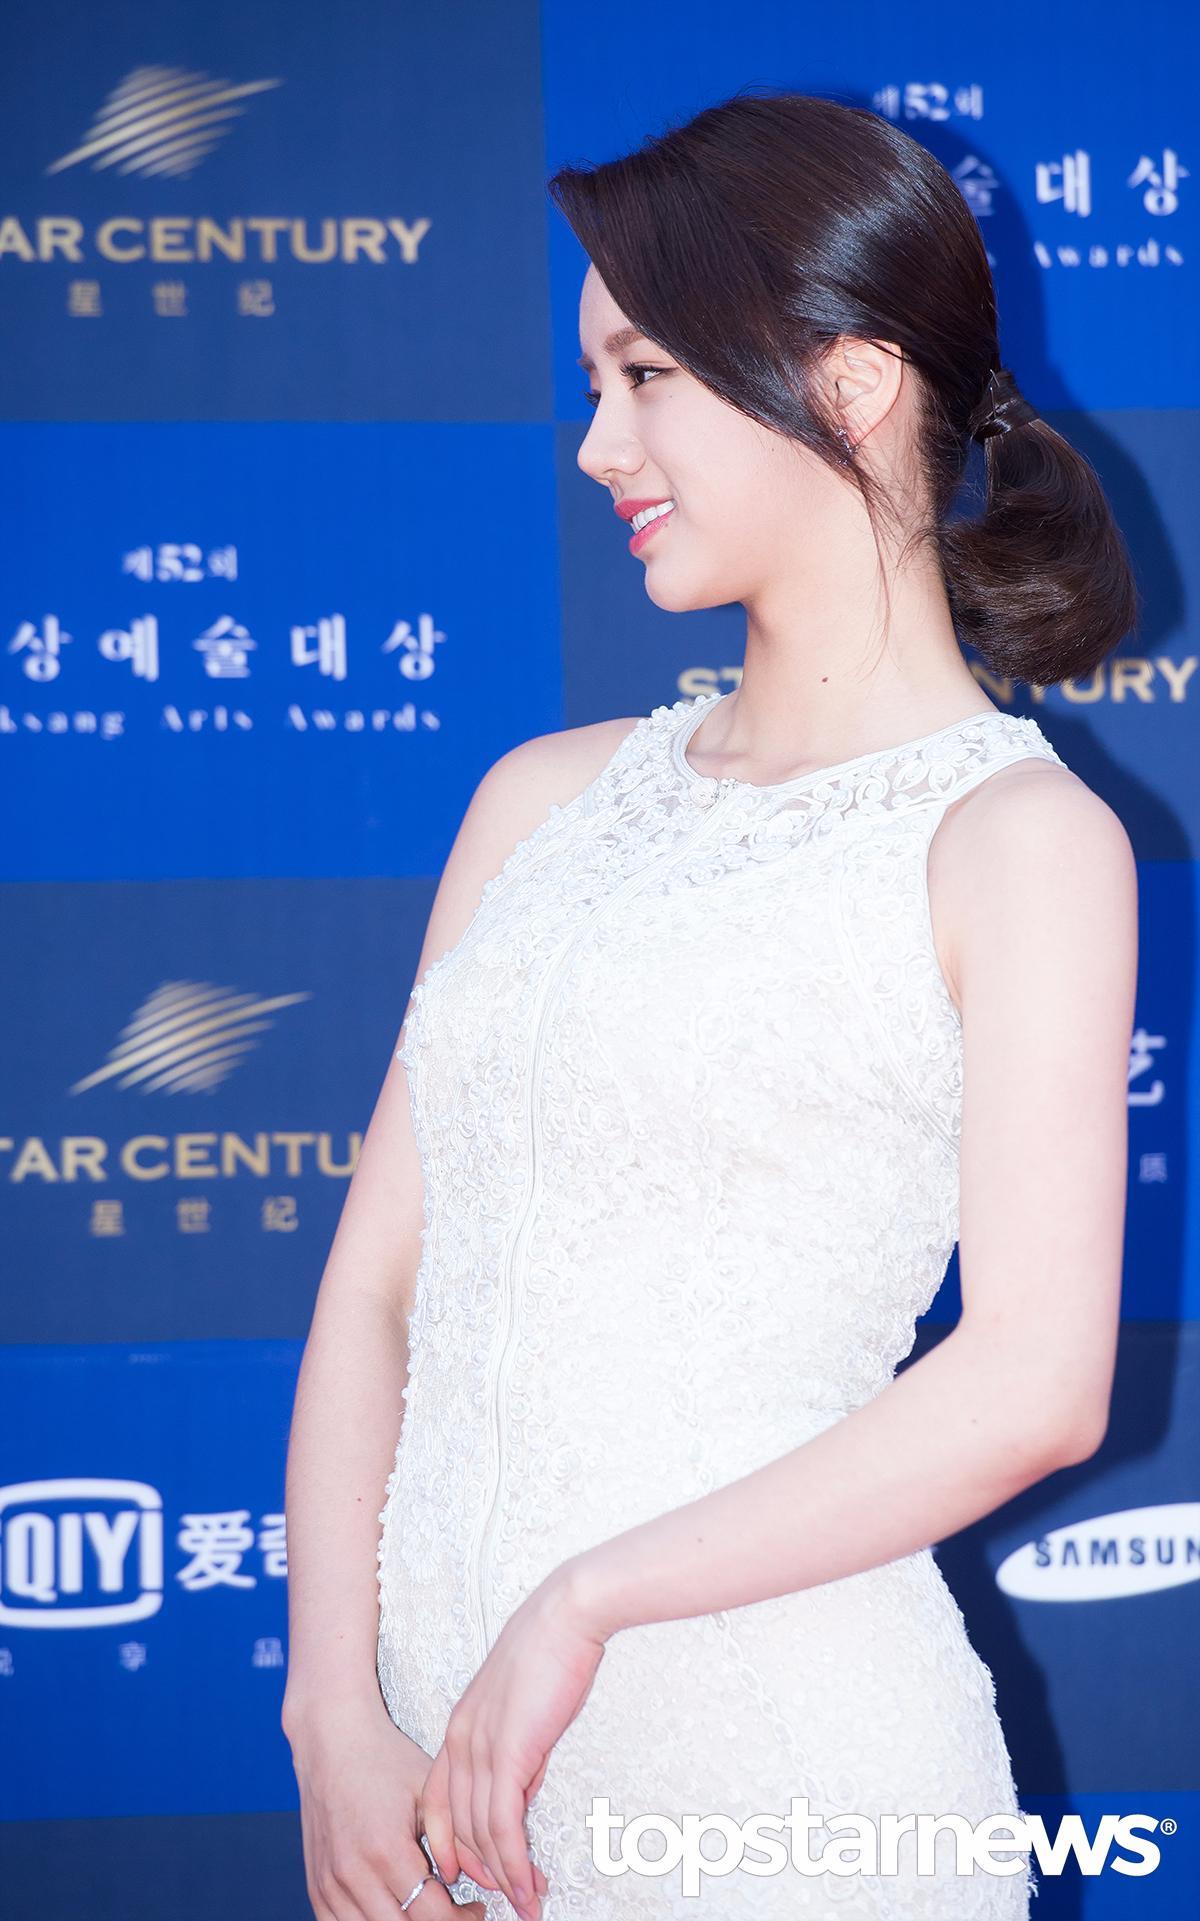 然而在6月4日舉行的《第52屆百想藝術大賞》中,以「女子新人演技賞」及「女子人氣賞」被提名的惠利,身穿白色長禮服驚豔許多網友…